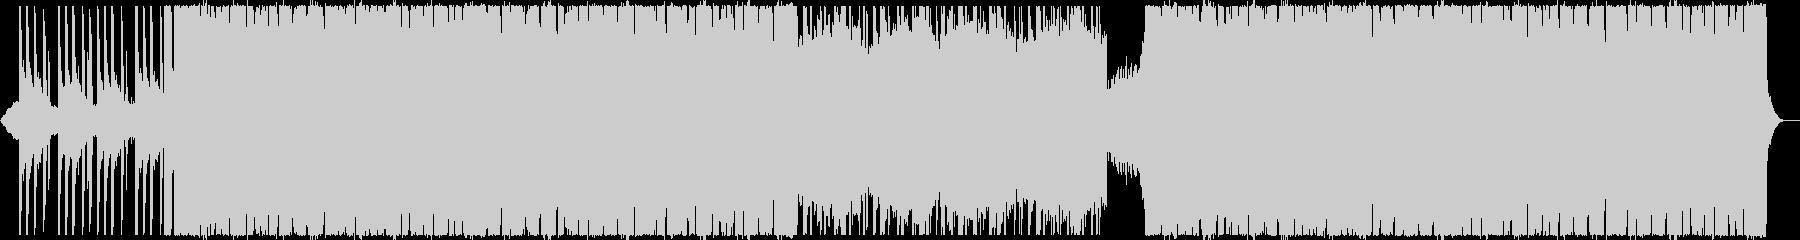 シンプルでダークでカッコいいEDMの未再生の波形